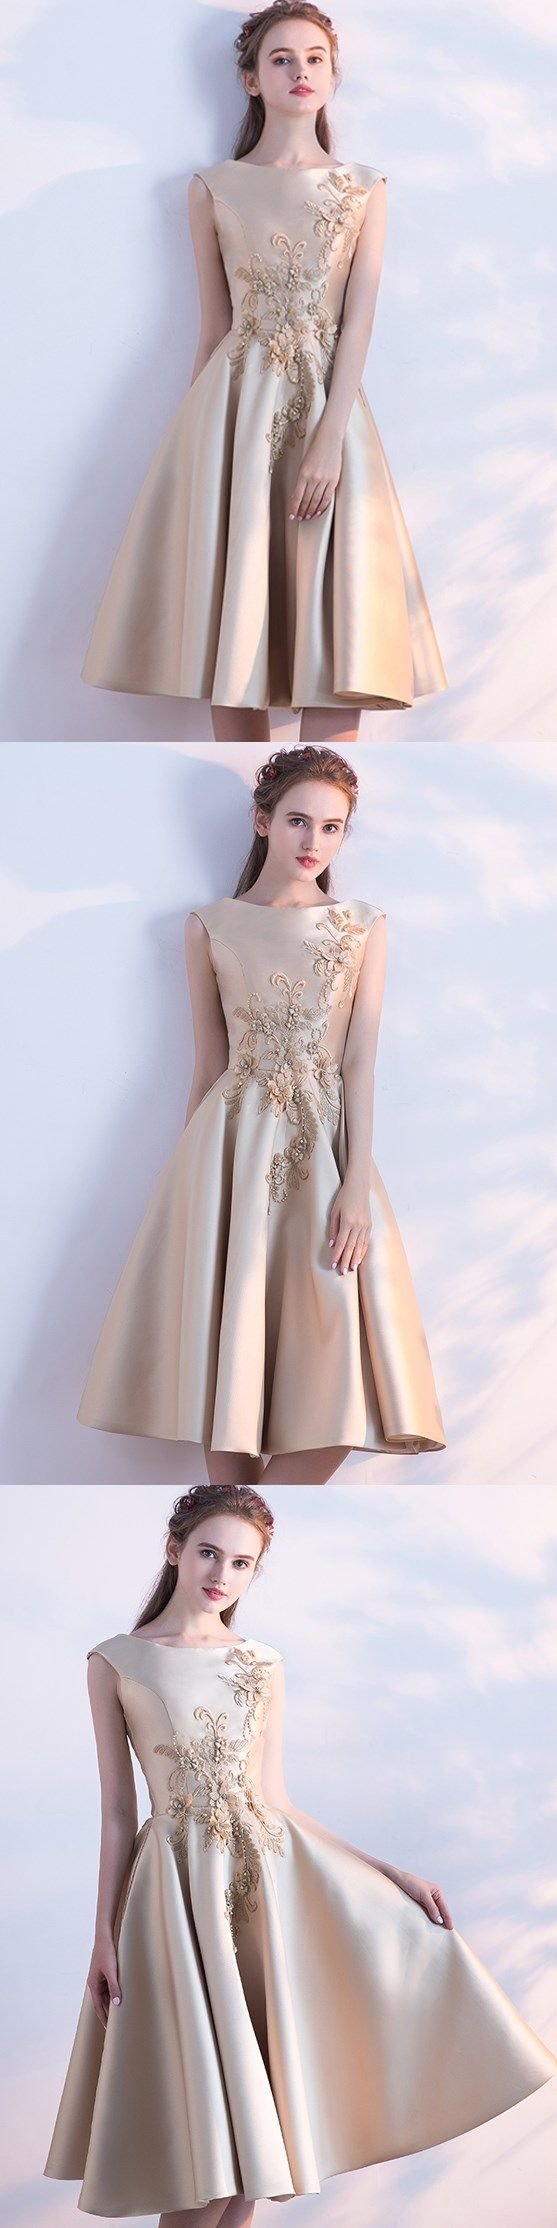 kleider kaufen,damenkleider,festkleider,schöne kleider ...